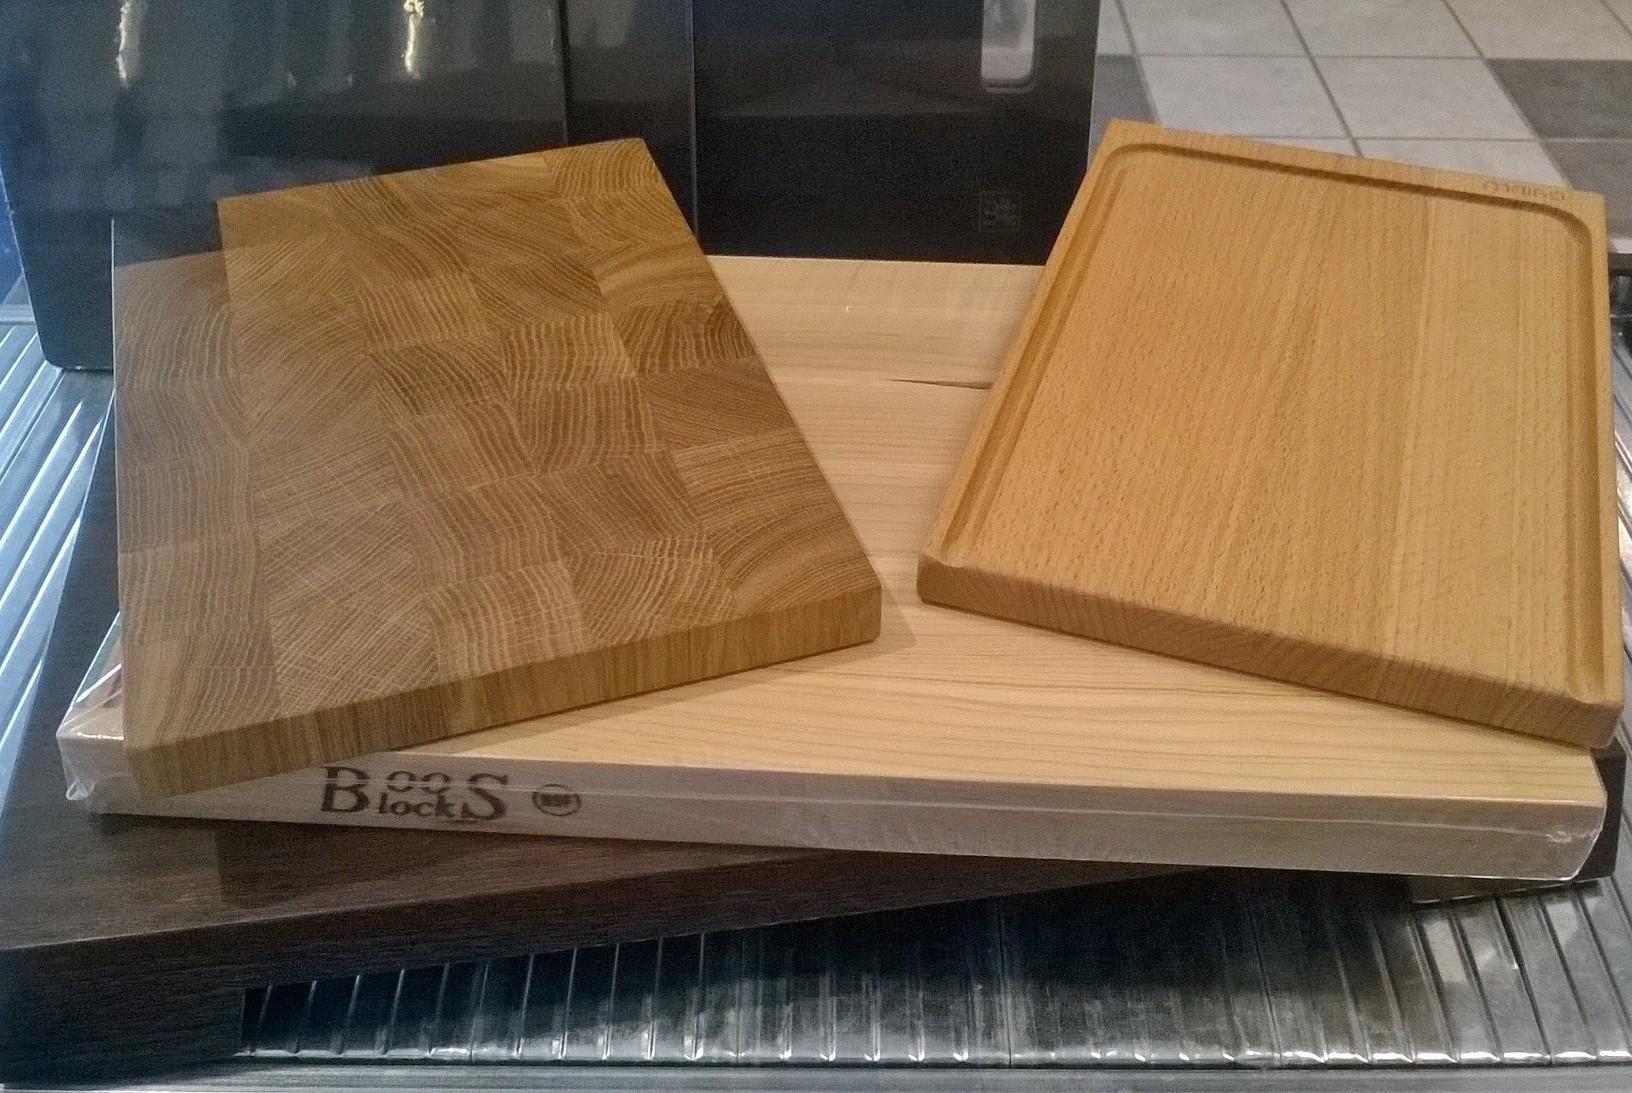 Von links nach rechts bzw. oben nach unten: Design M, Maigo, Boos und Bungert 2B (in Wenge). Im Hintergrund in mattschwarz die Holzfiberbretter von Zwilling.